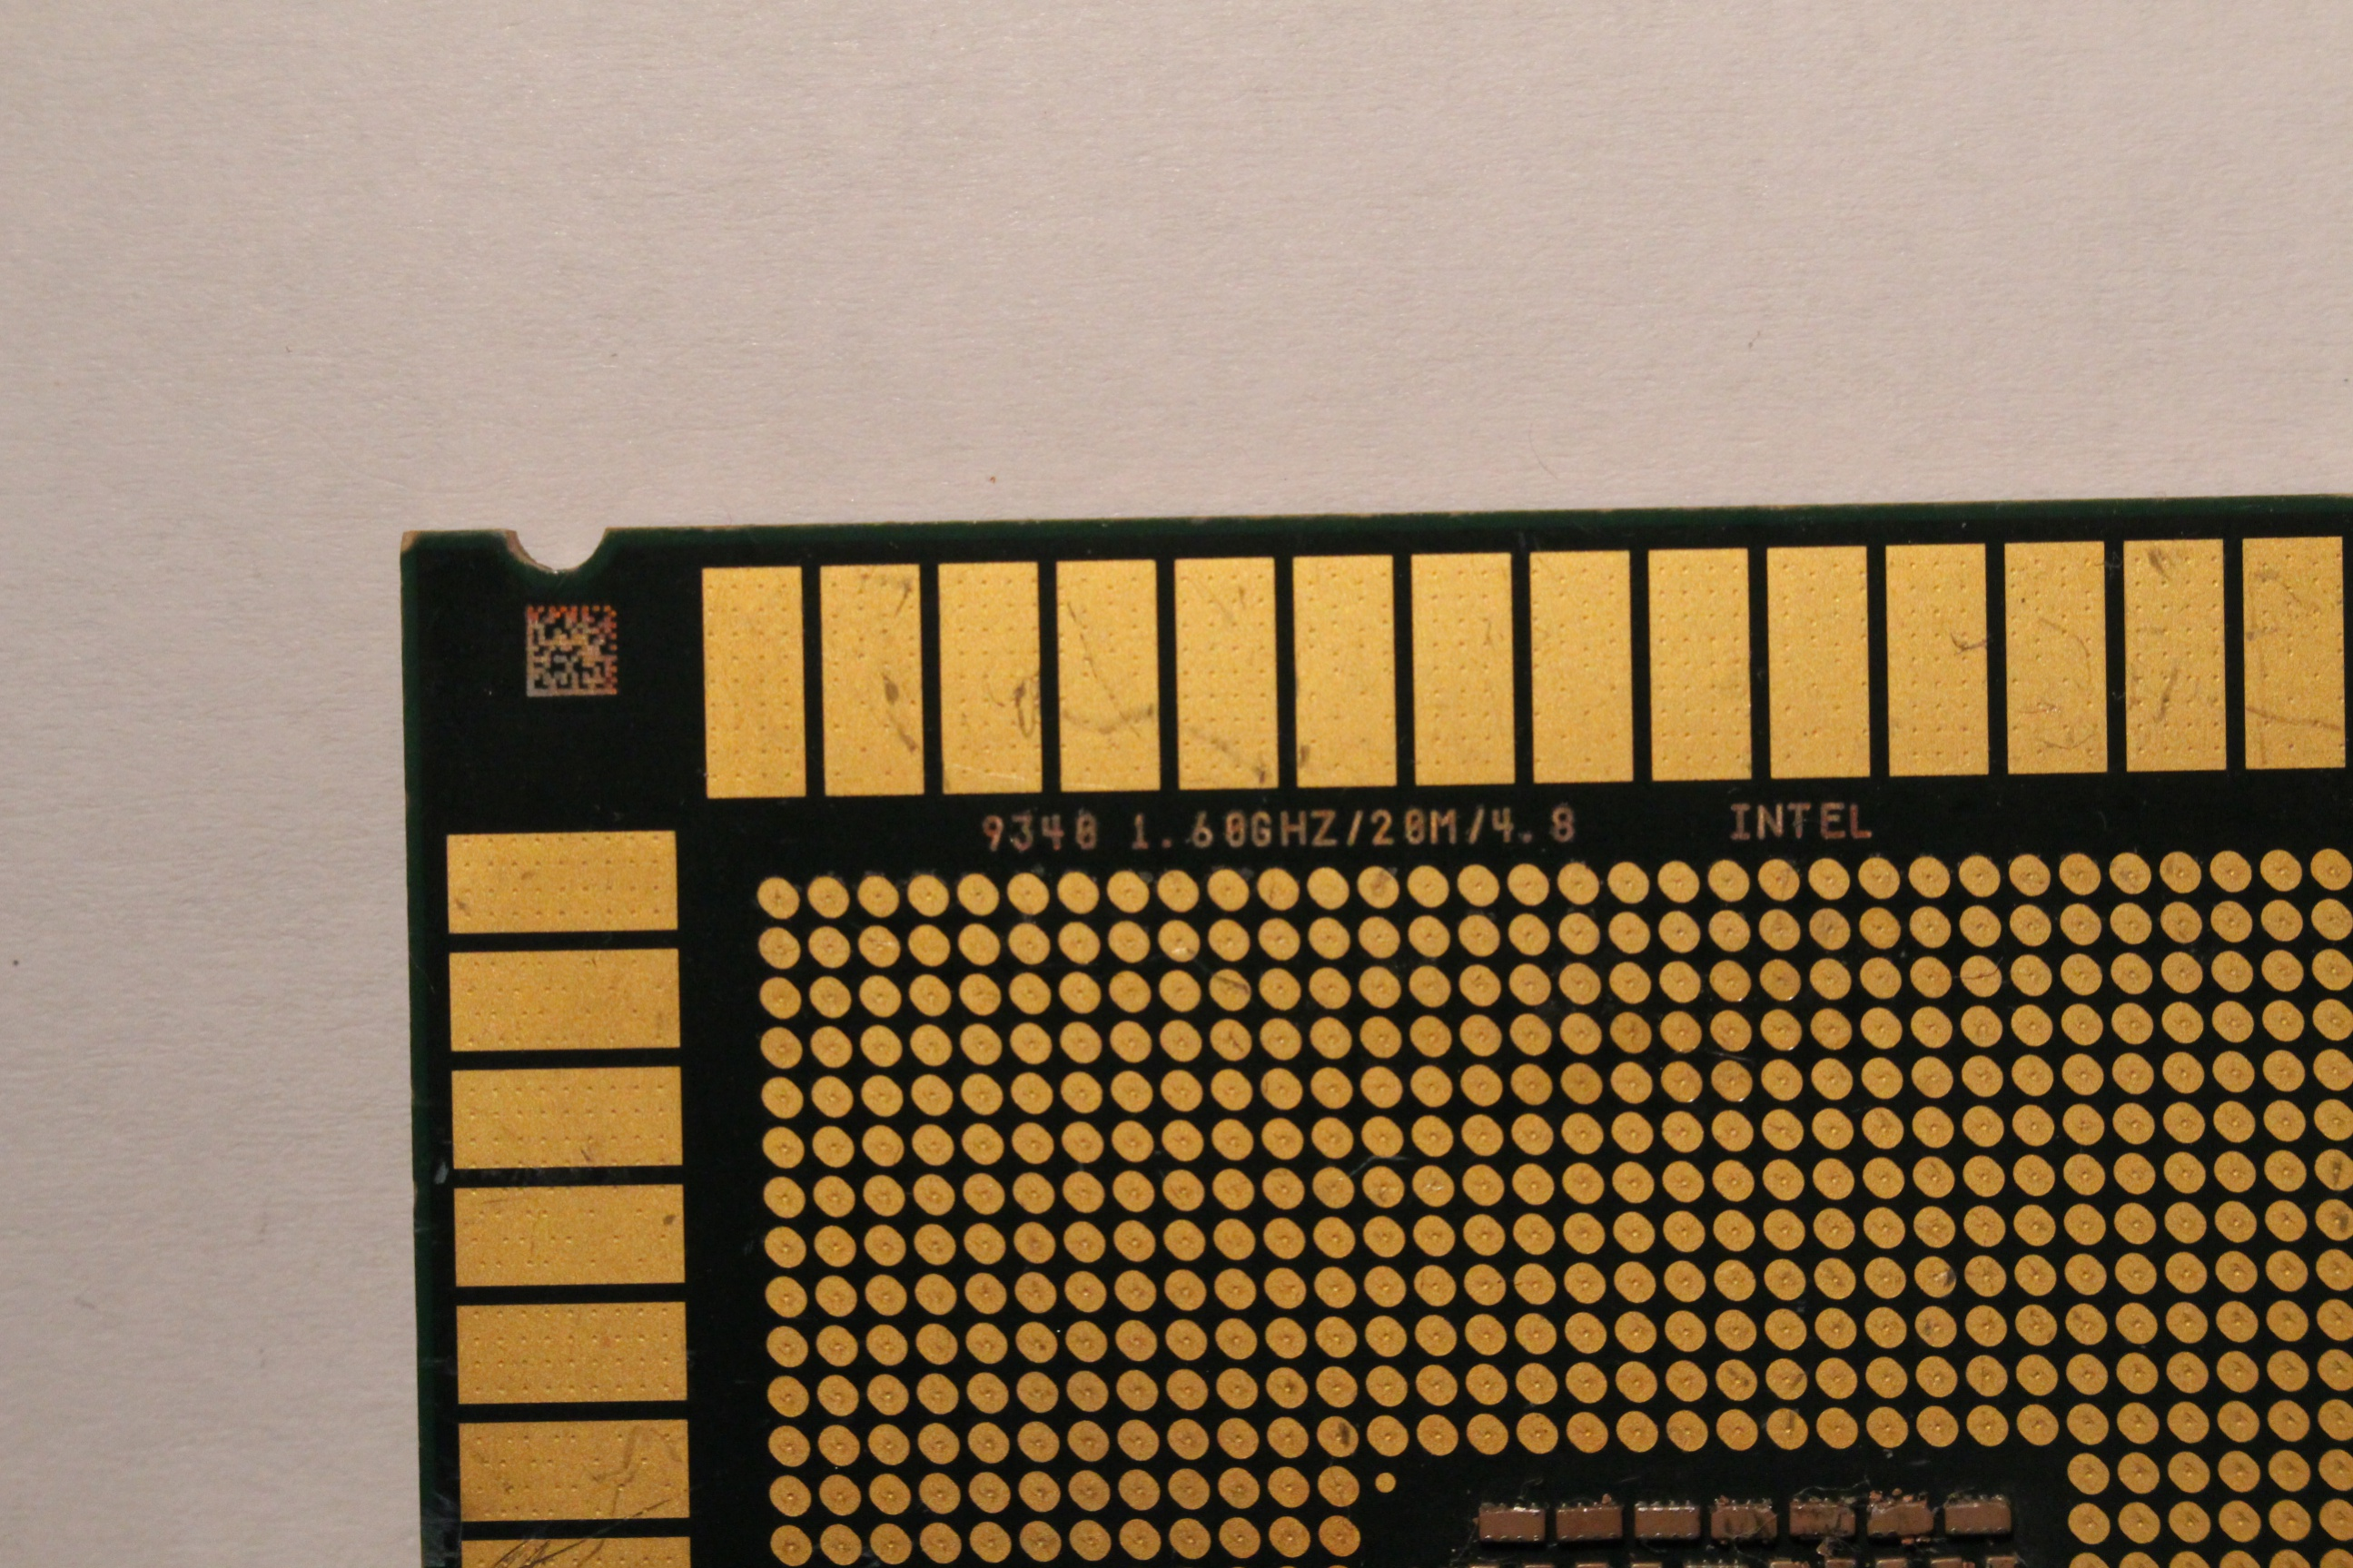 Klicken Sie auf die Grafik für eine größere Ansicht  Name:IMG_0103.jpg Hits:19 Größe:1,27 MB ID:997656